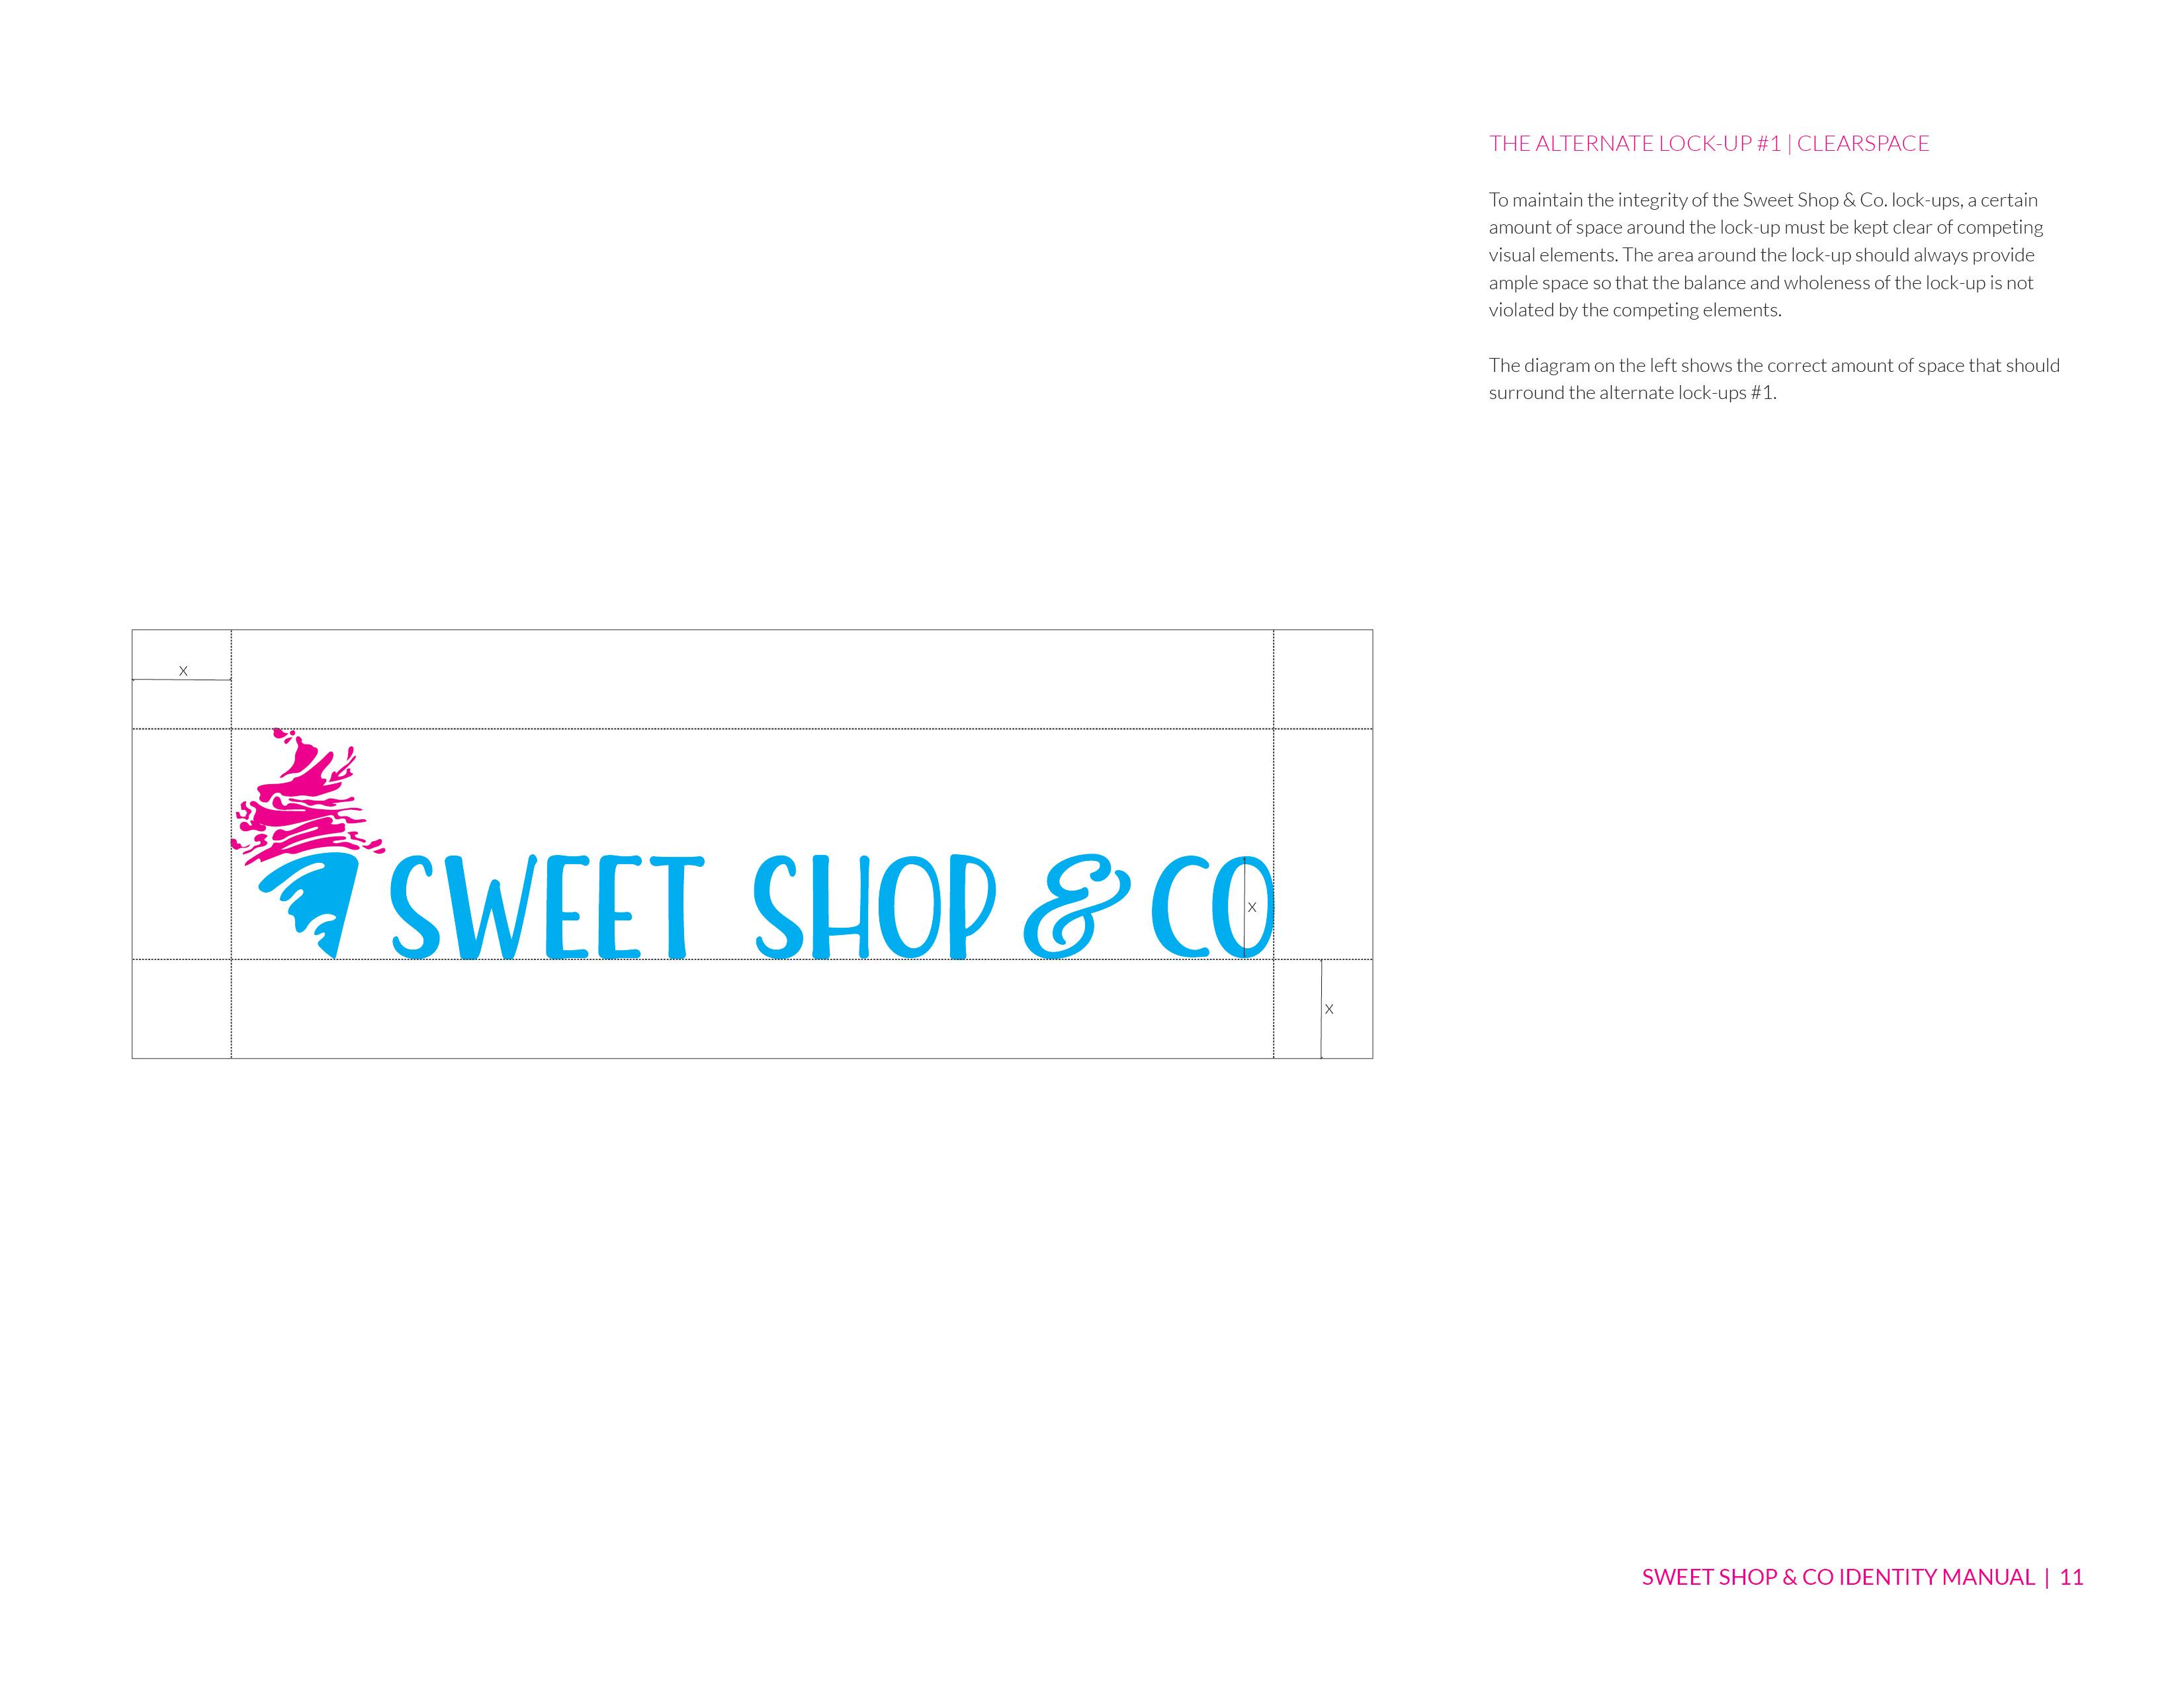 11SweetShop&Co_IdentityManual